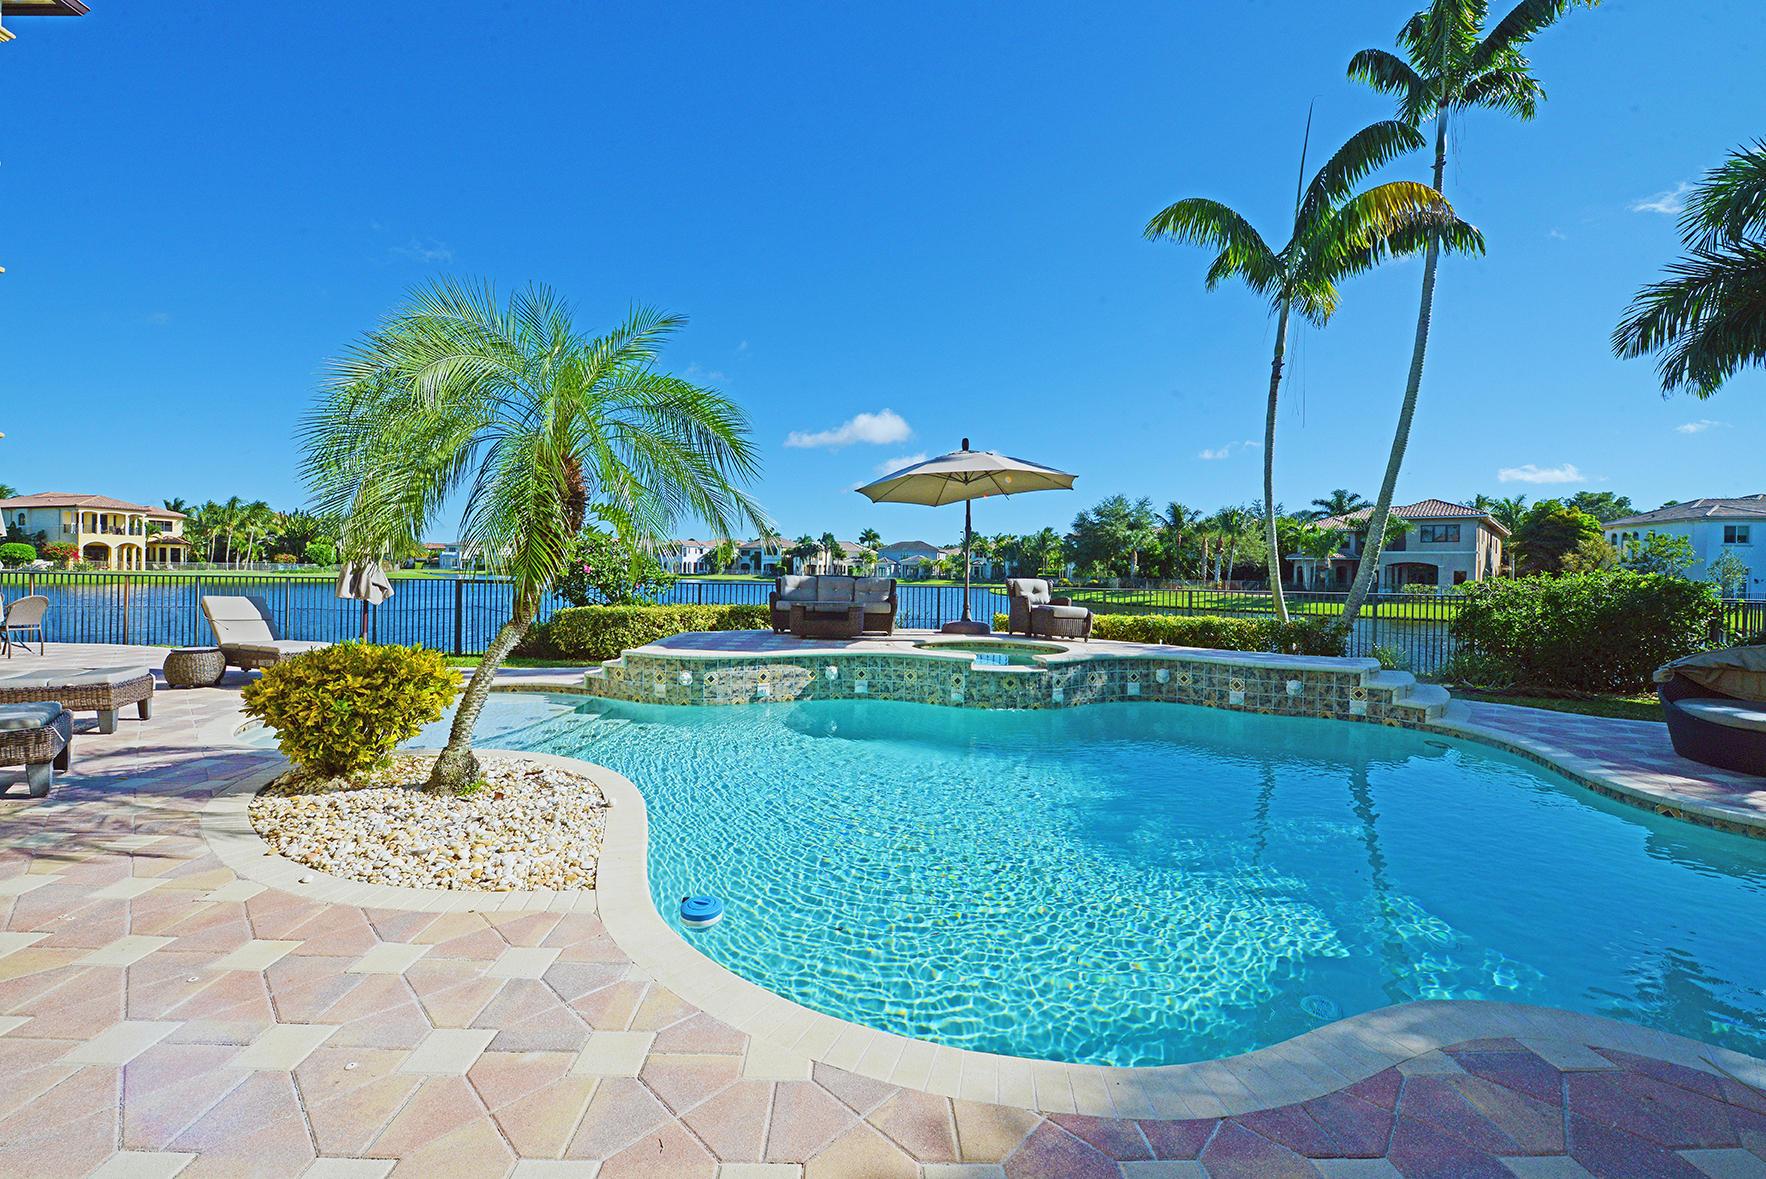 Photo of 17934 Monte Vista Drive, Boca Raton, FL 33496